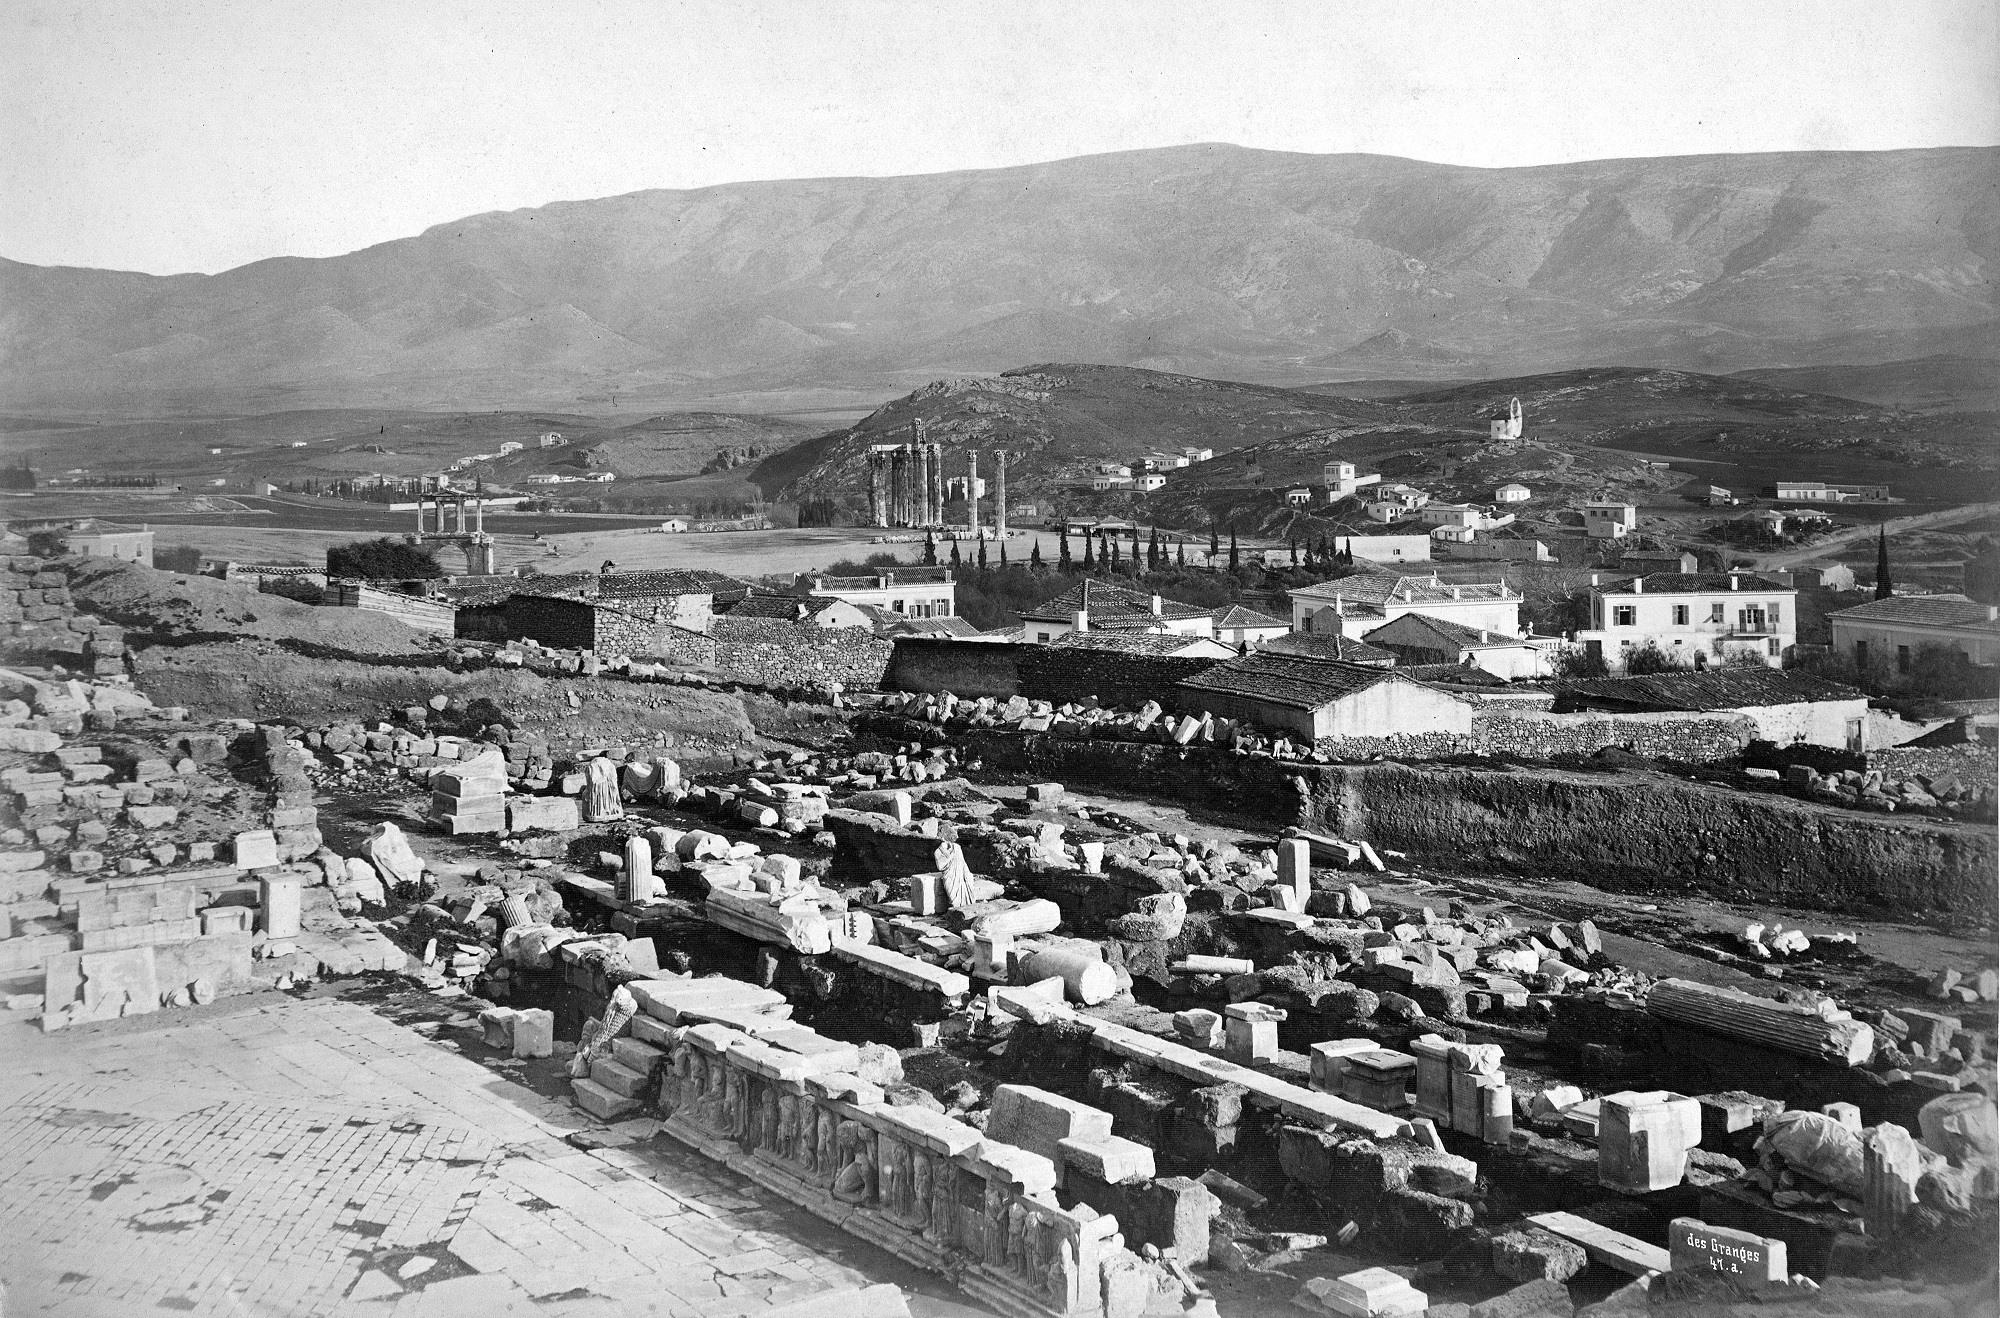 'Ενα ταξίδι πολύ πίσω στο χρόνο! 45 Πολύ σπάνιες φωτογραφίες της Αθήνας πριν το 1900